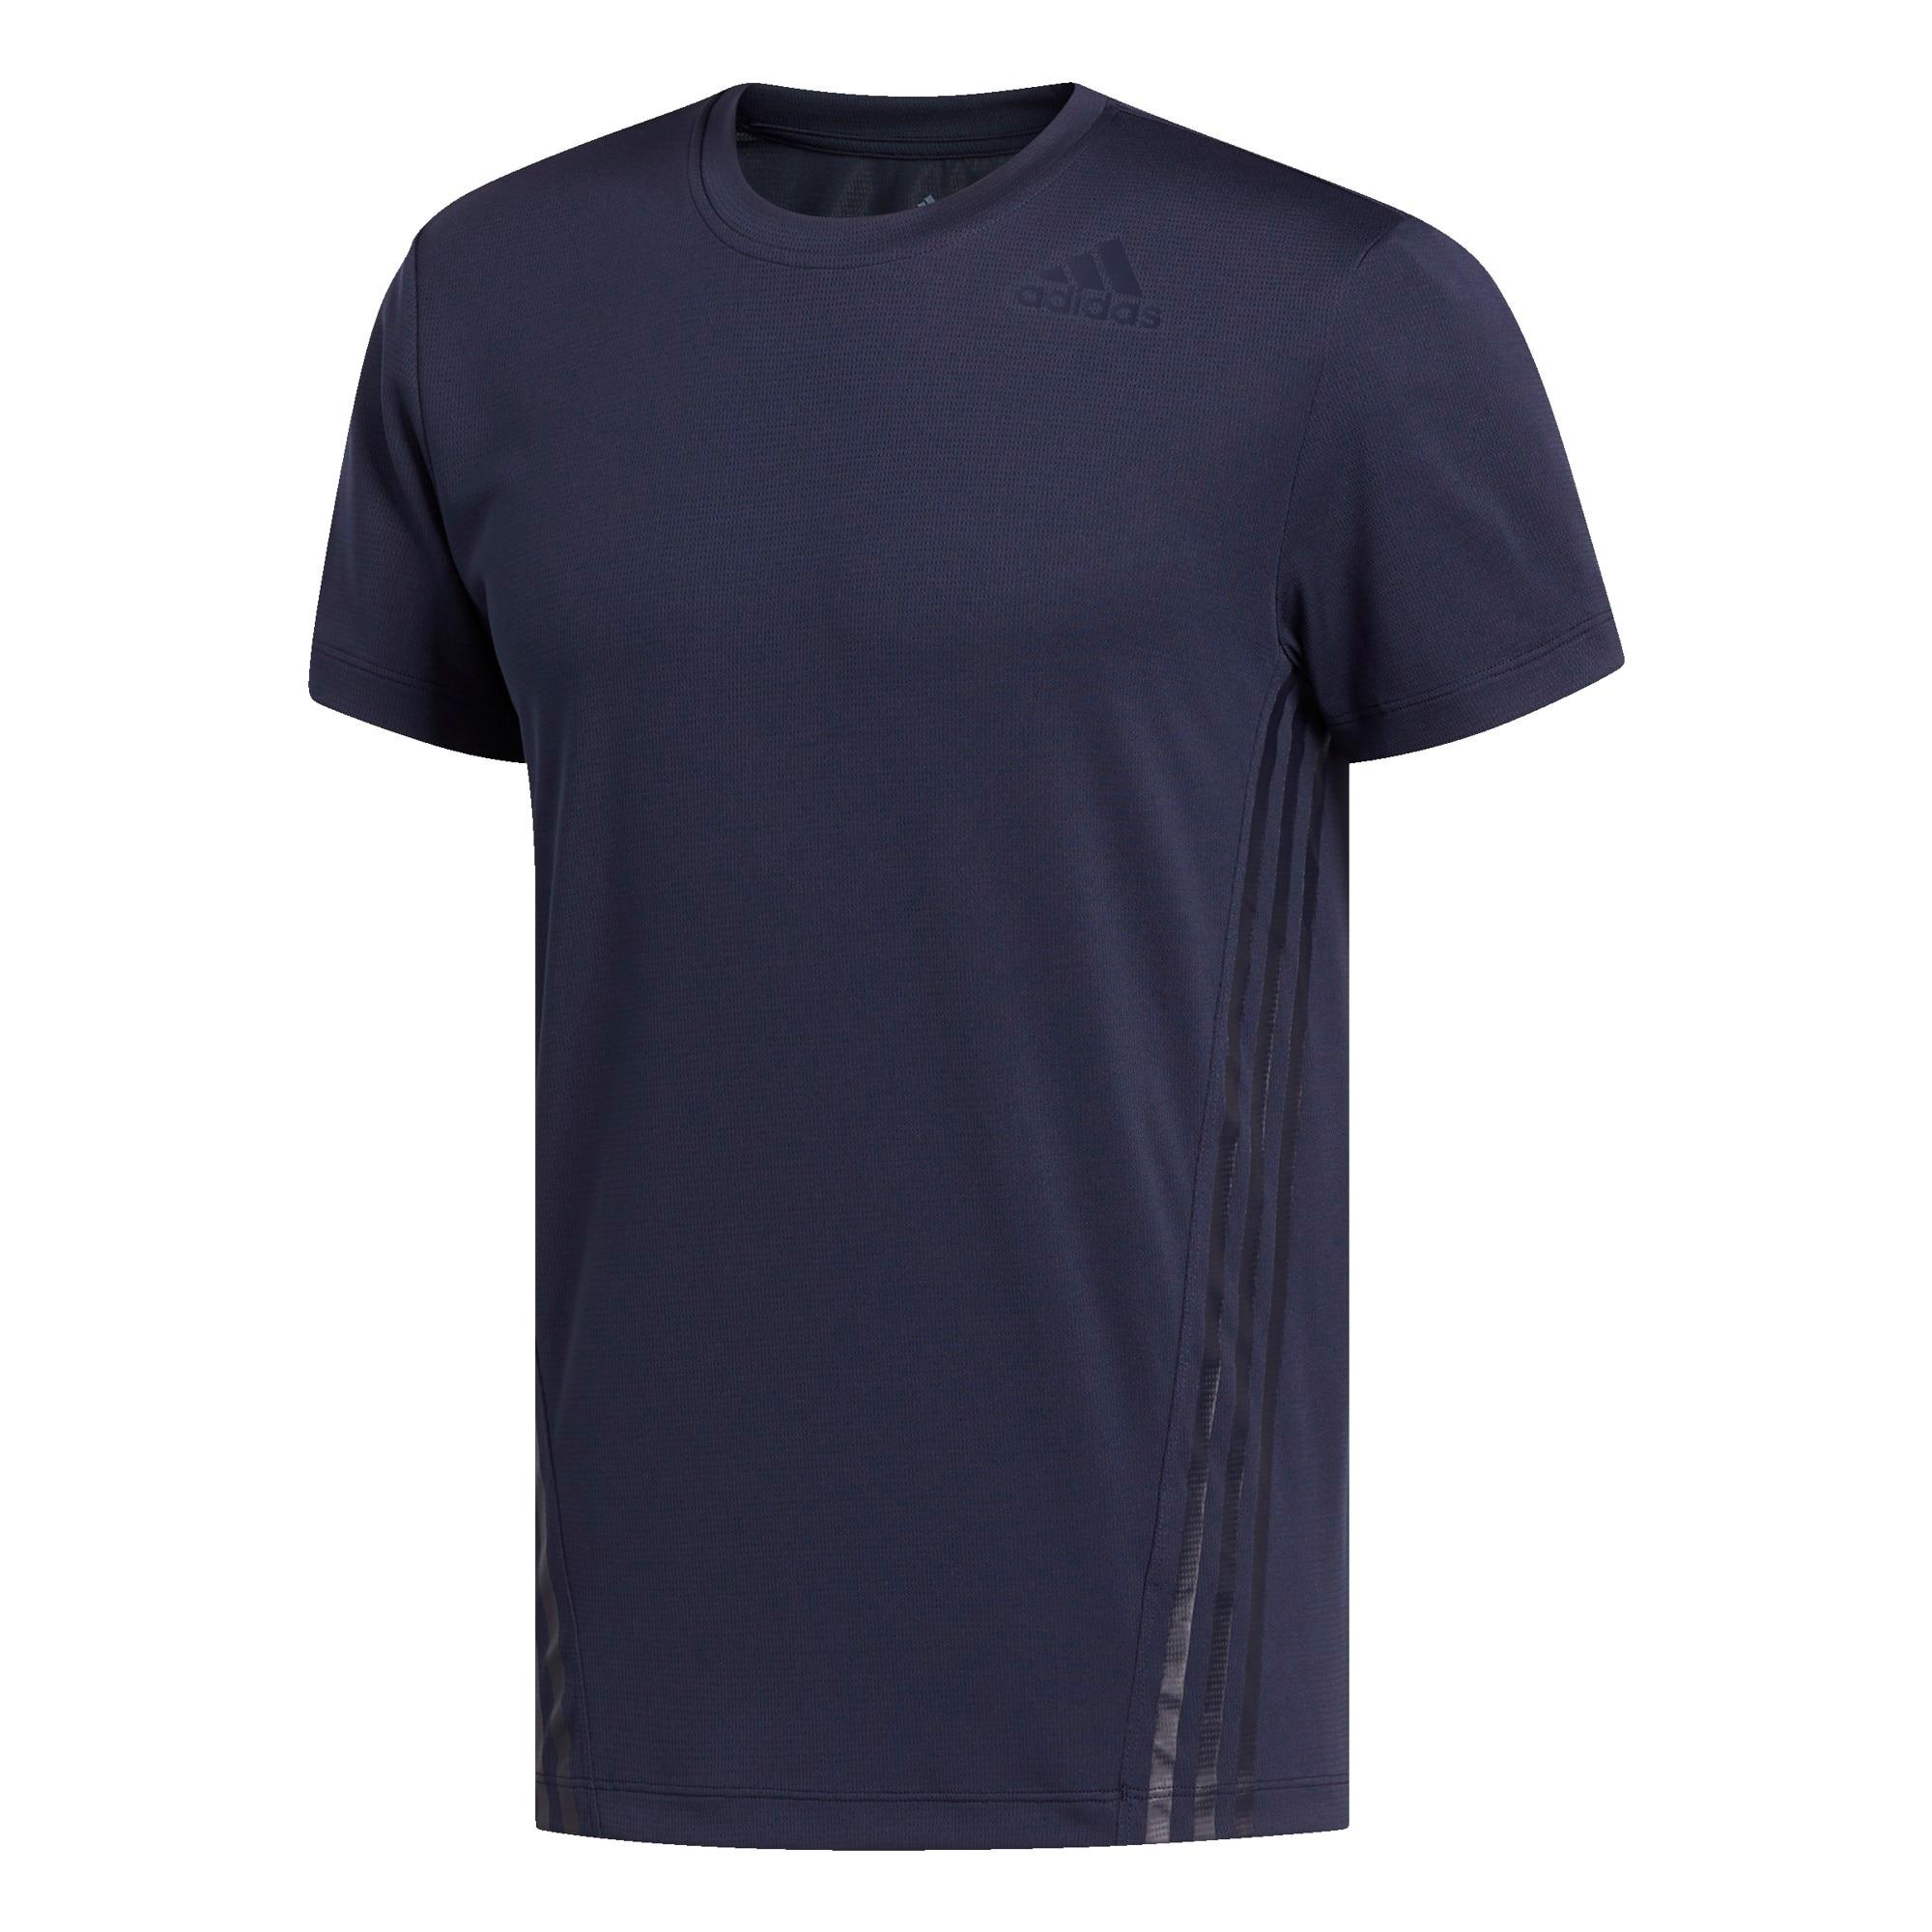 ADIDAS PERFORMANCE Sportiniai marškinėliai 'AEO 3s' tamsiai mėlyna